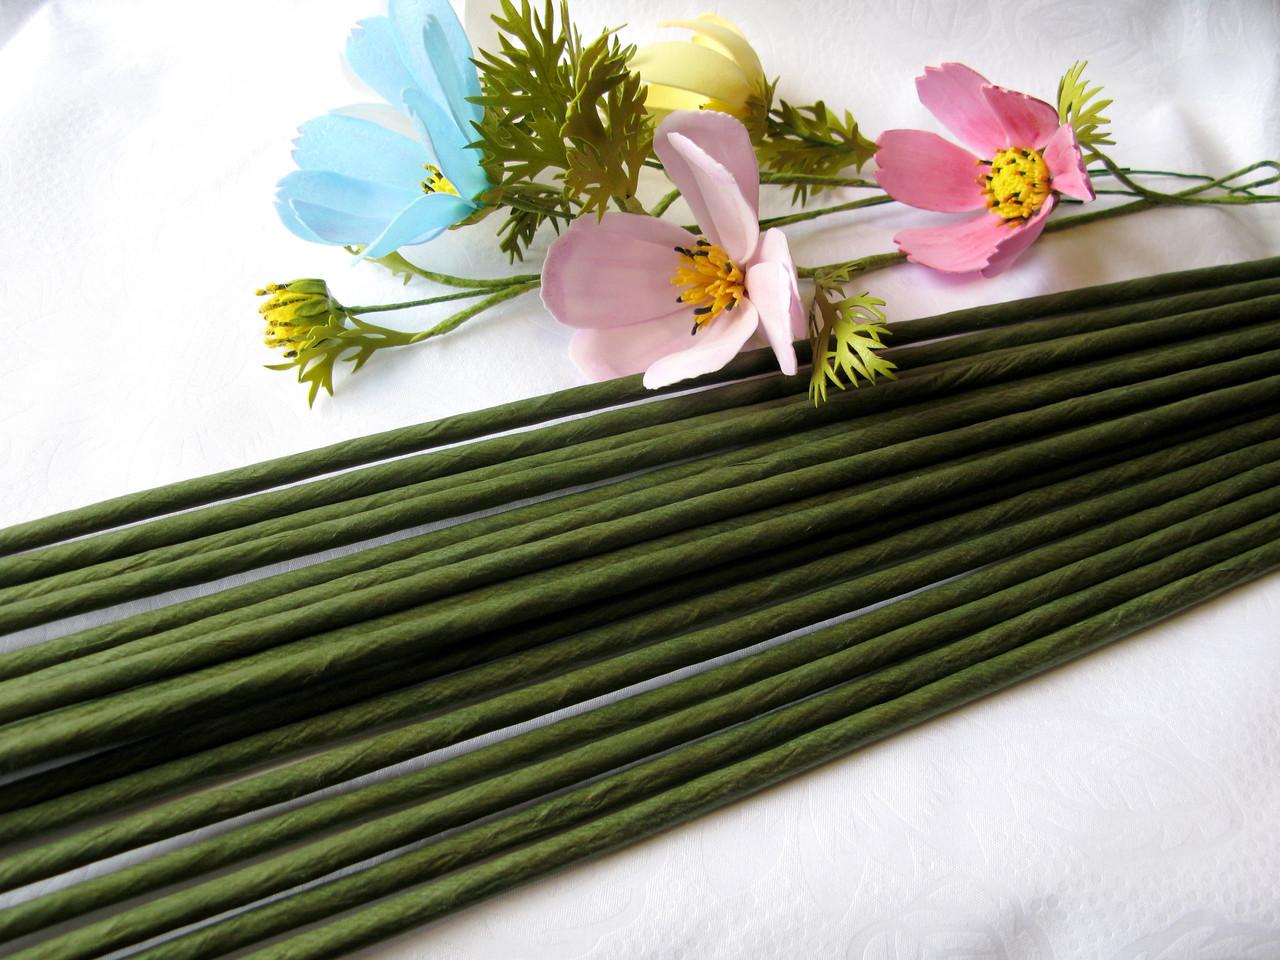 Проволока герберная (флористическая) в обмотке. 5 мм 60 см. 1 шт - 6 грн